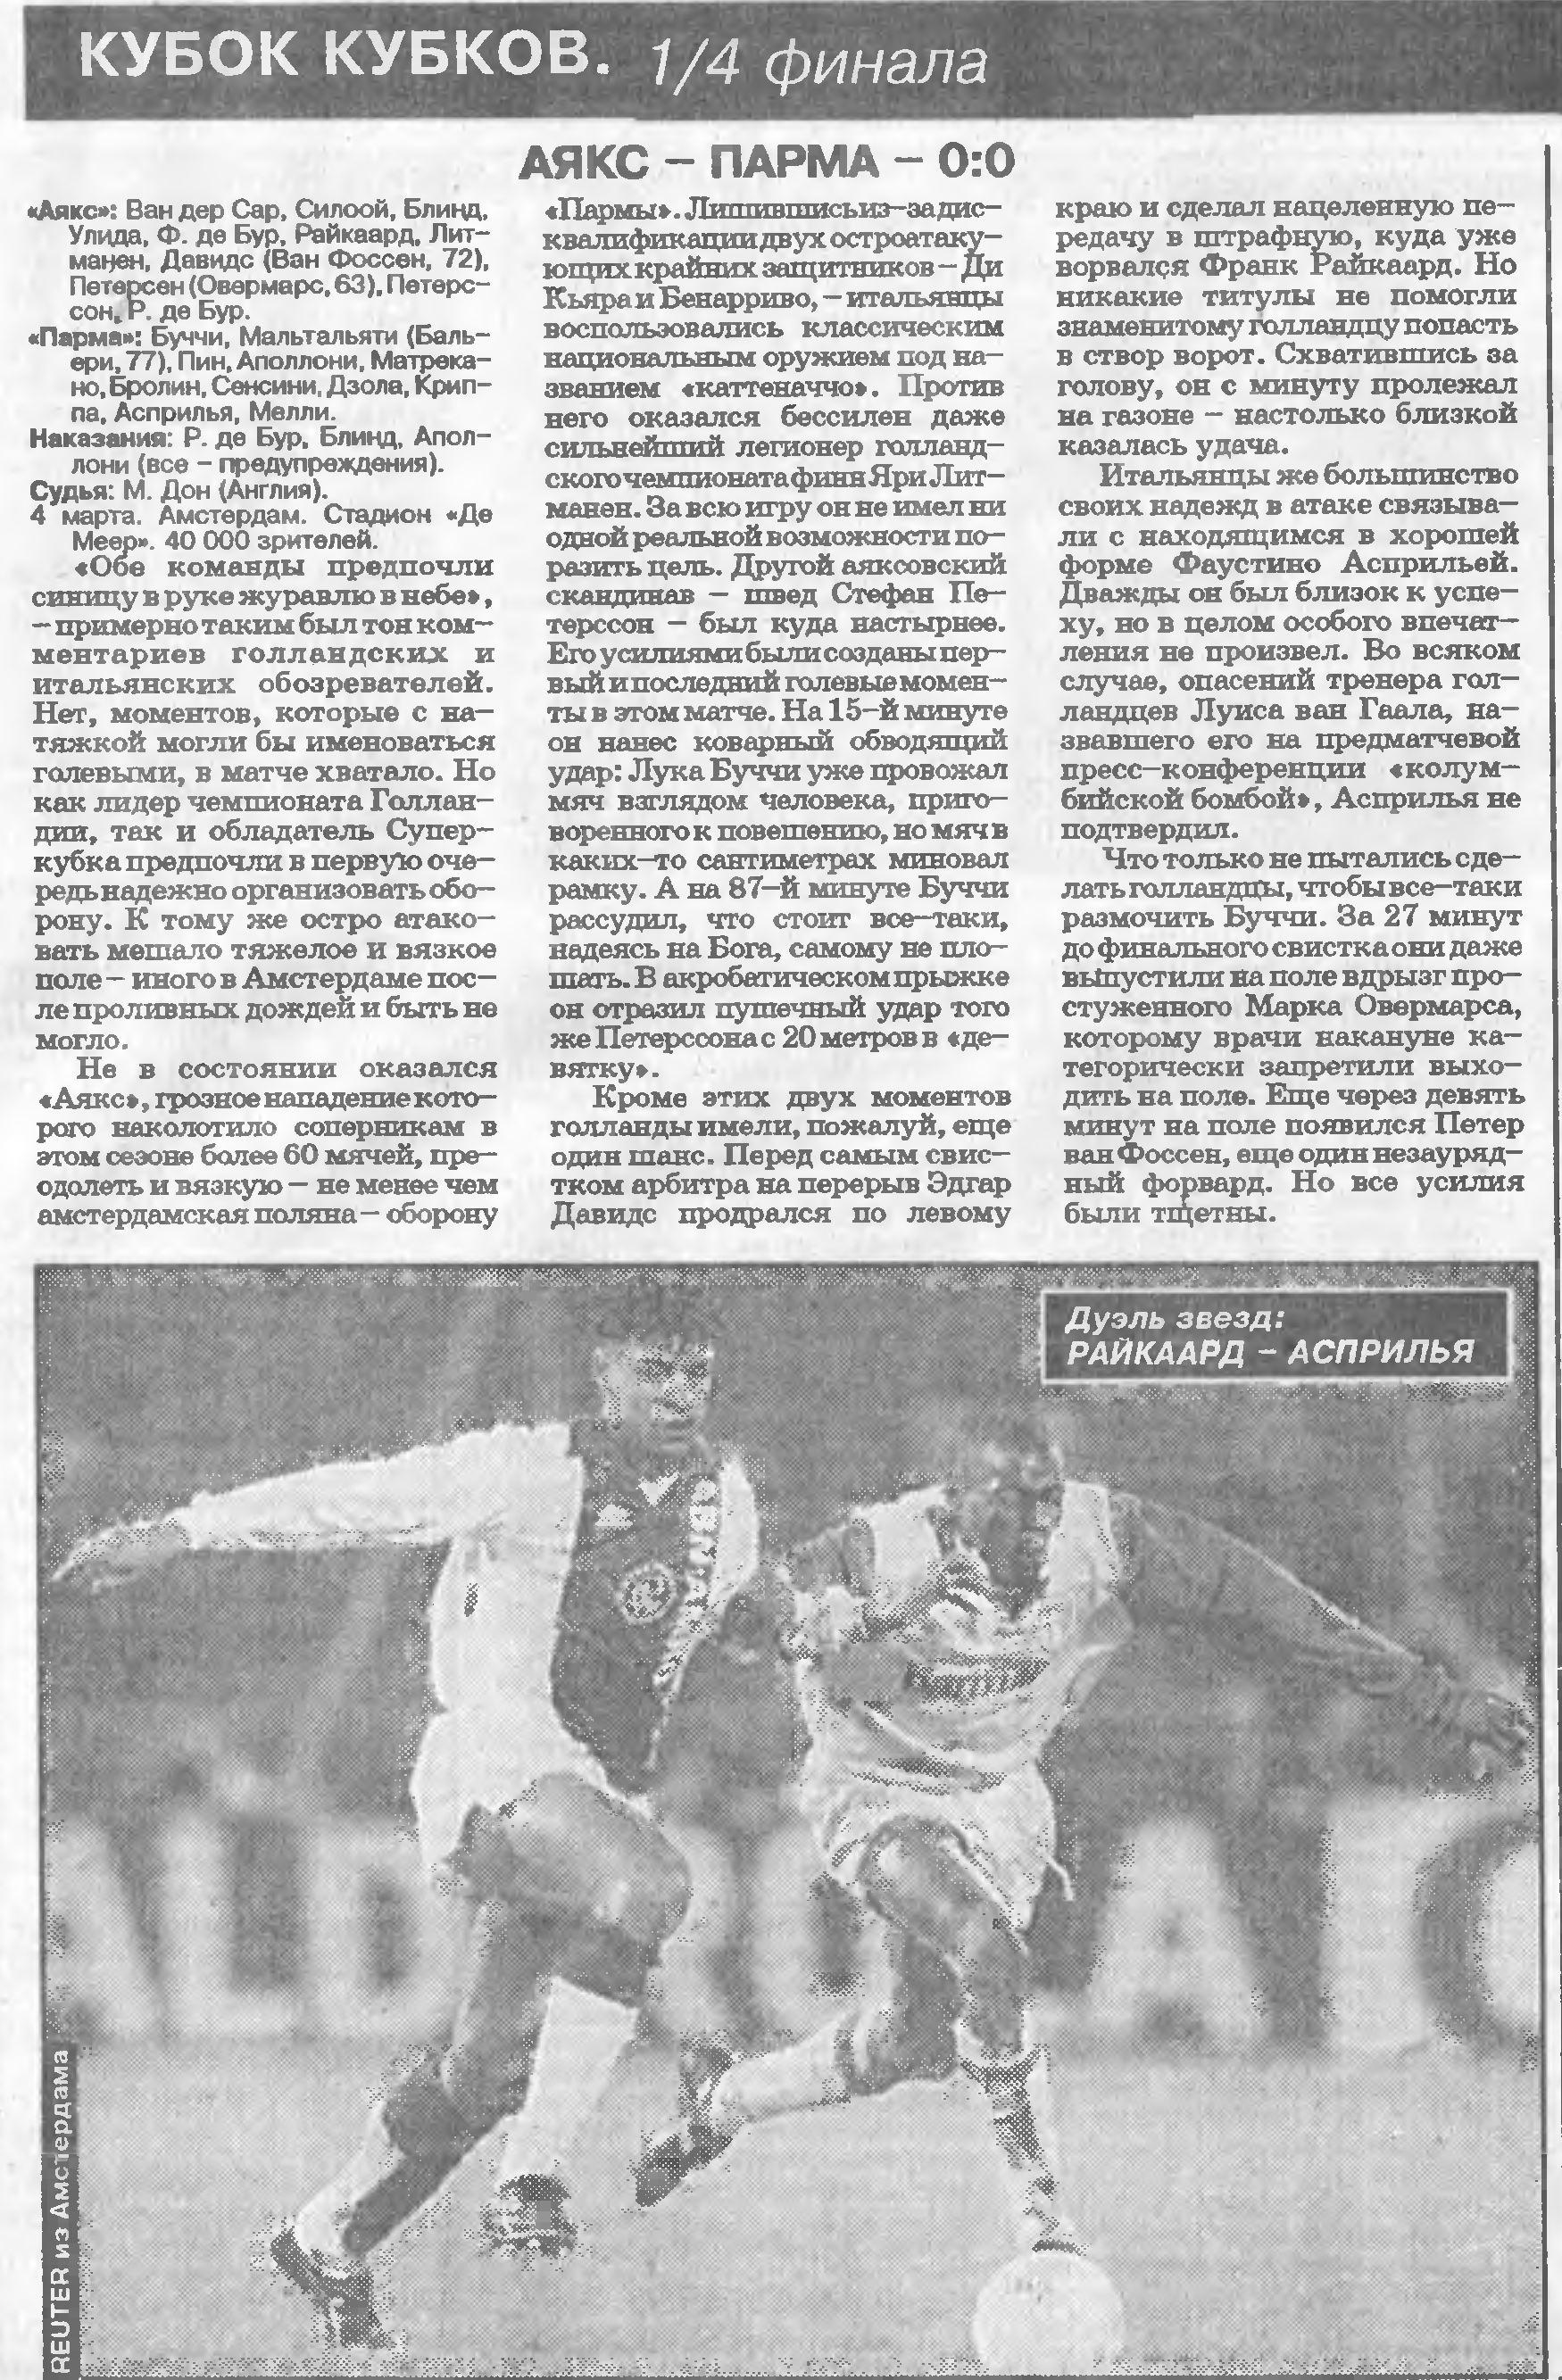 Аякс (Голландия) - Парма (Италия) 0:0. Нажмите, чтобы посмотреть истинный размер рисунка